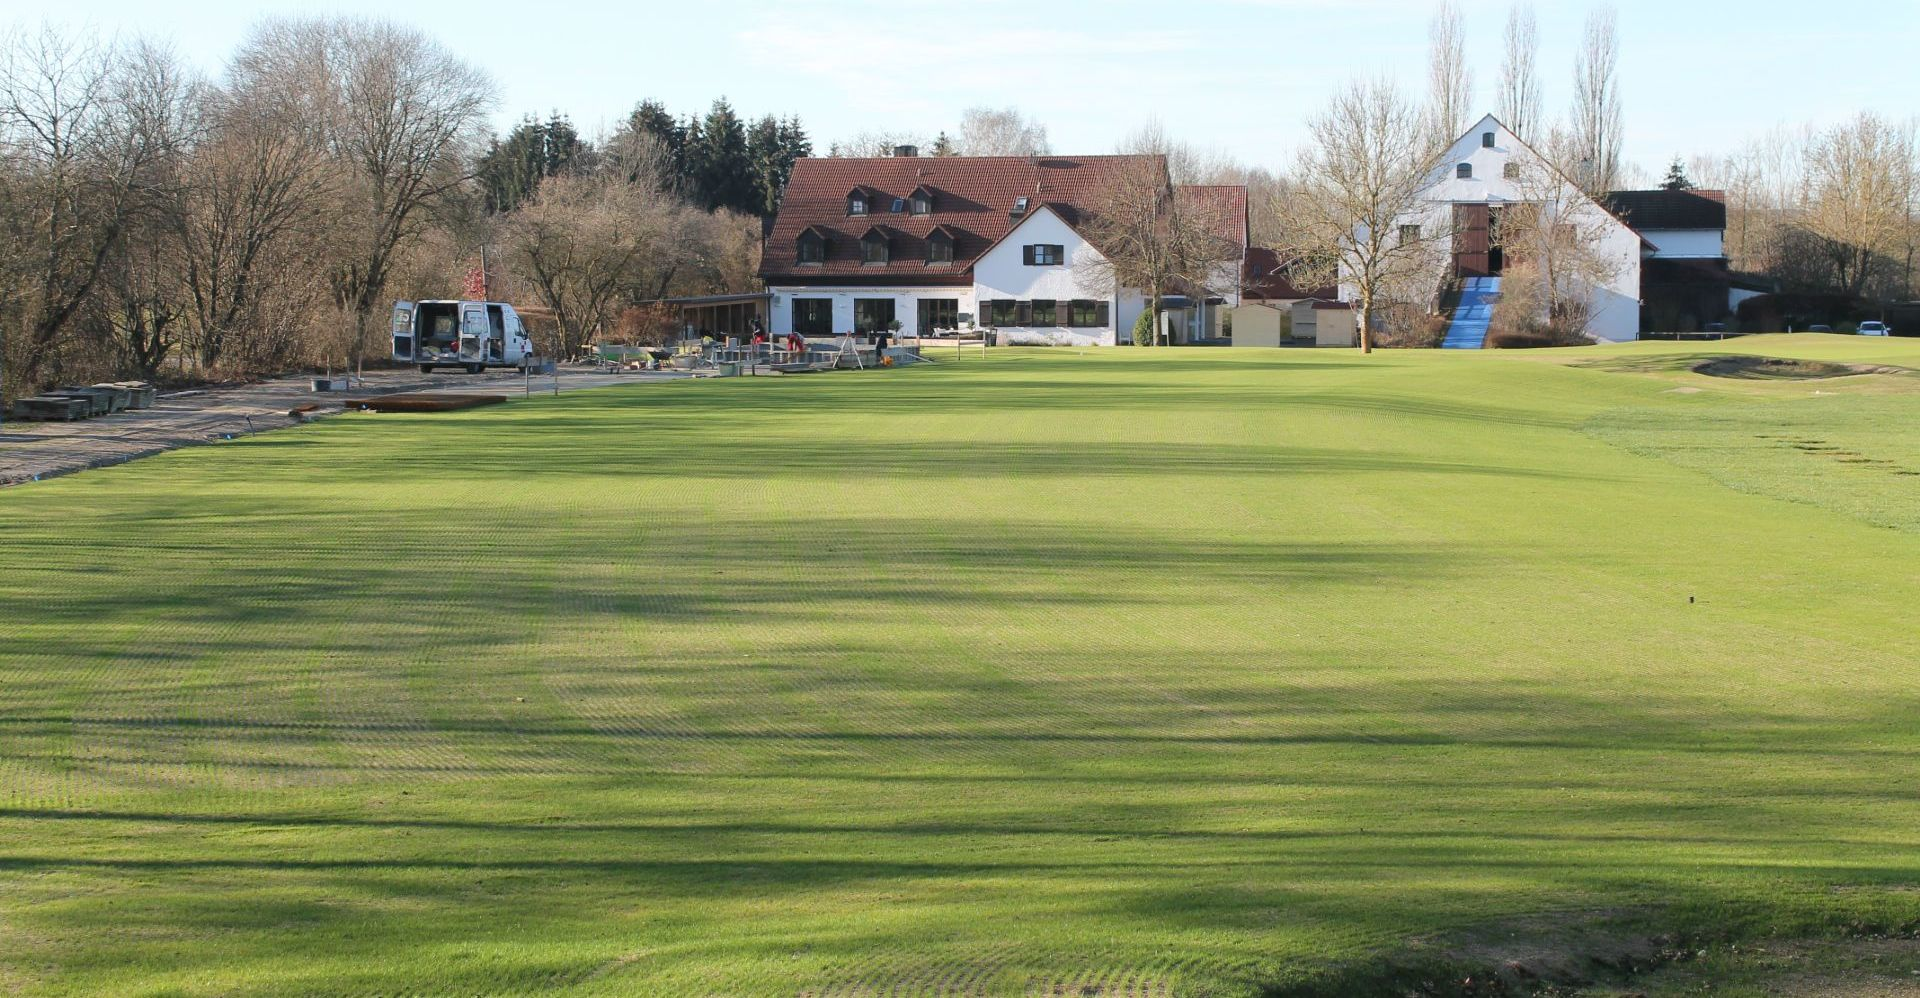 Golfplatz in Odelzhausen